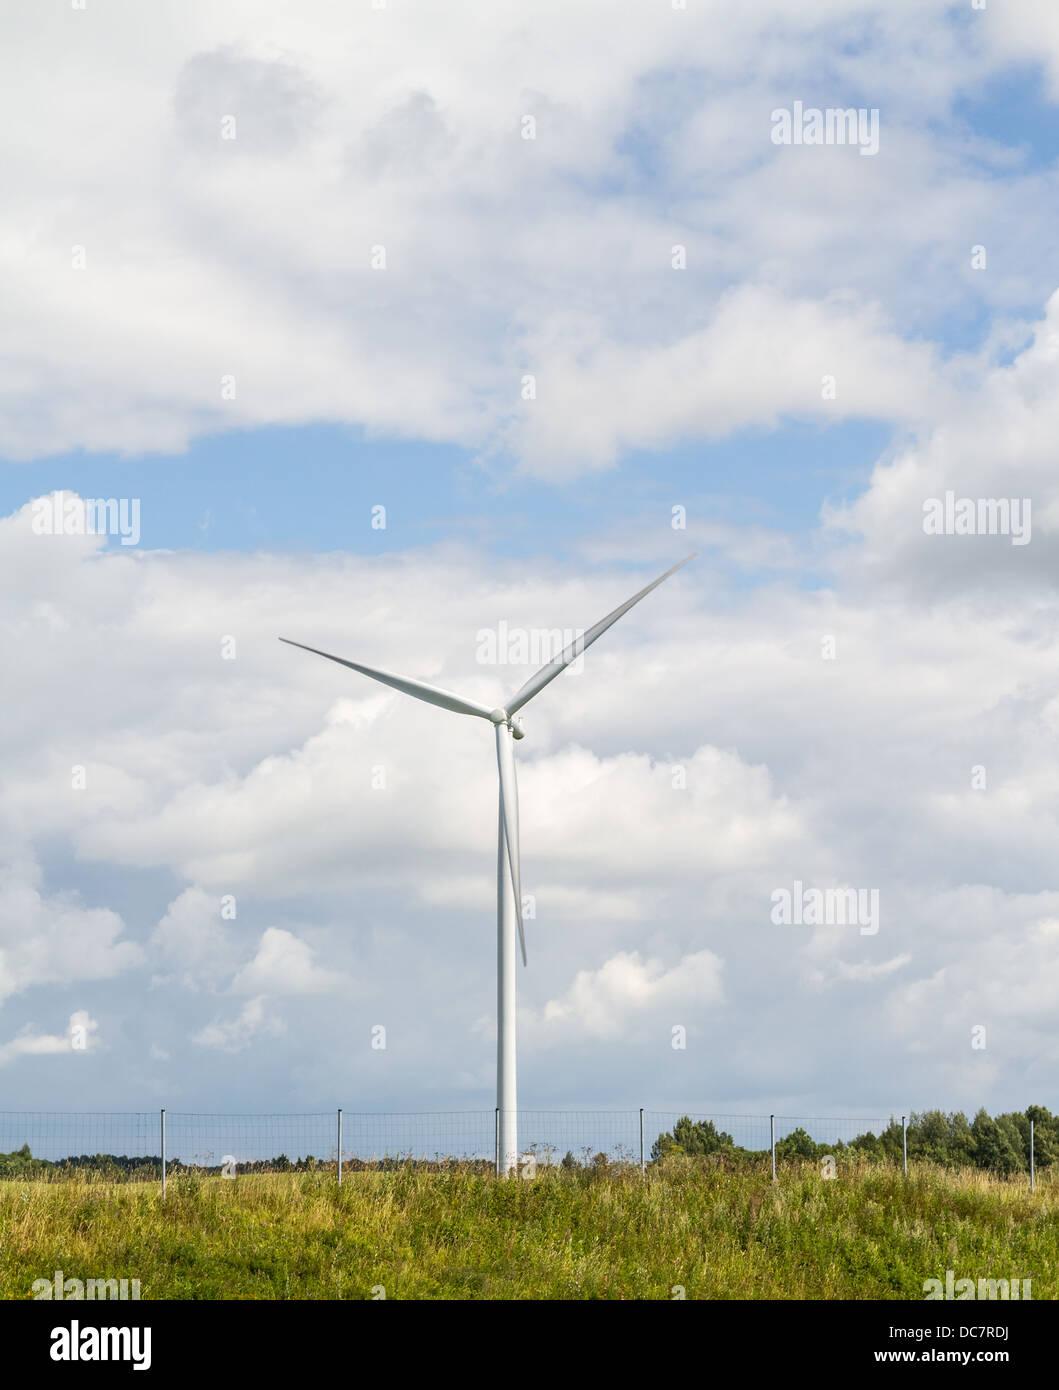 Dreiblatt-Windgenerator mit einer horizontalen Drehachse am Himmelshintergrund Stockbild